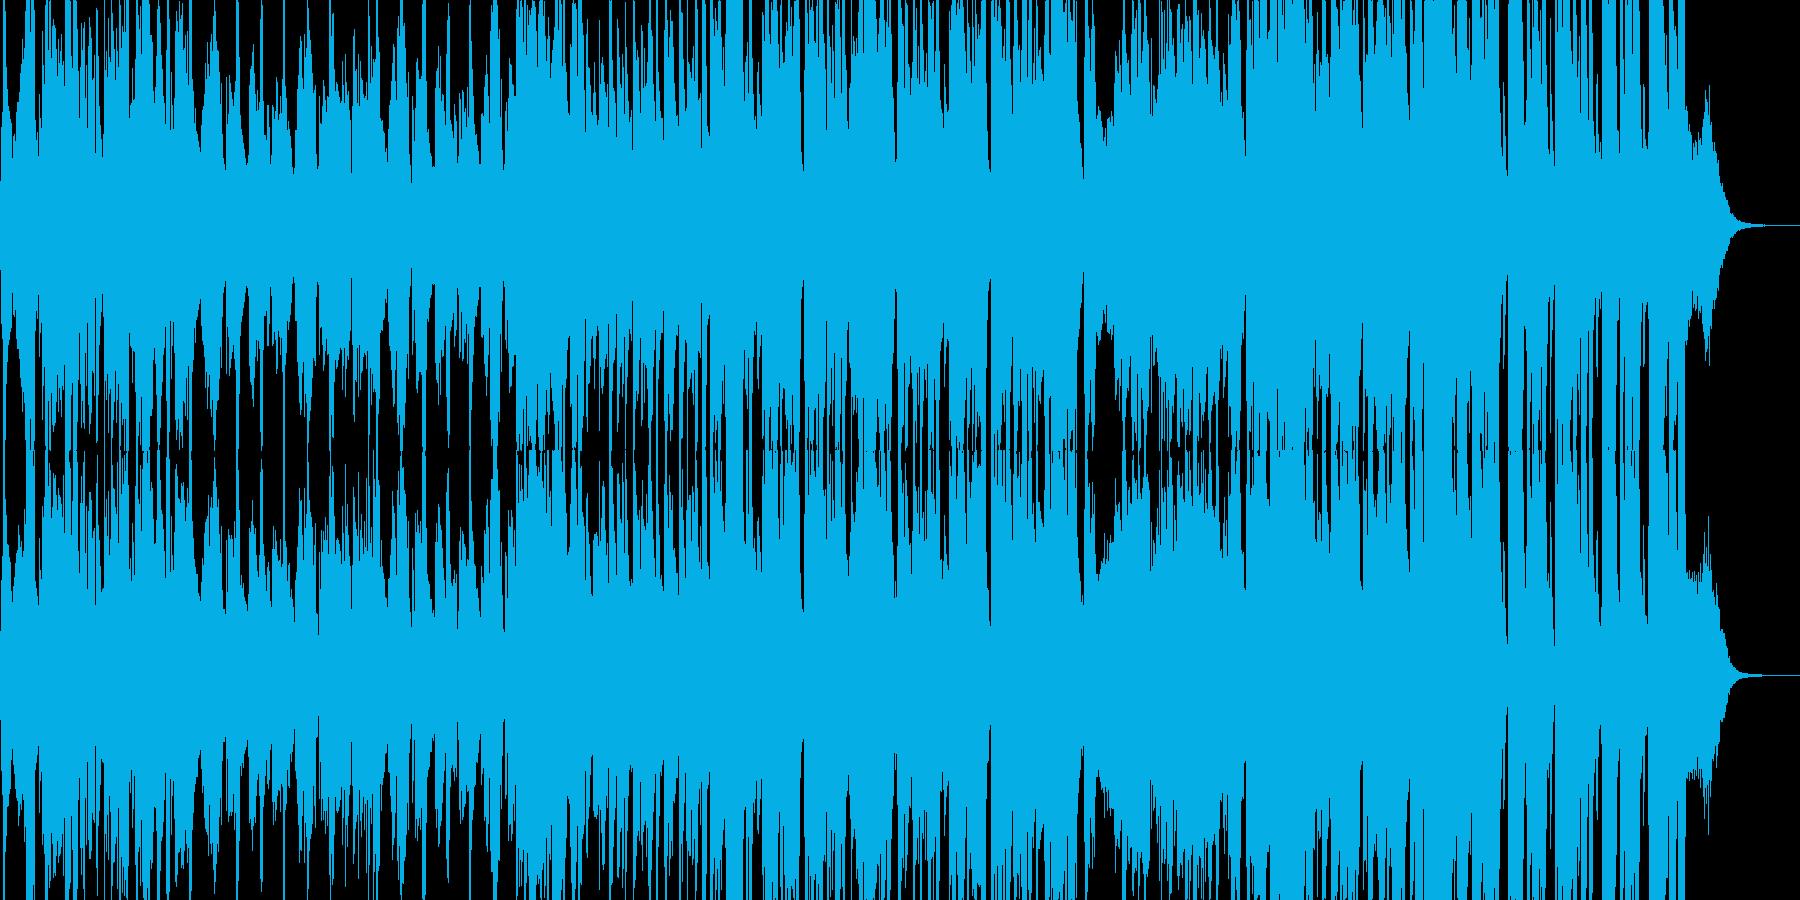 ジャズ・おしゃれ・バー・カフェの再生済みの波形